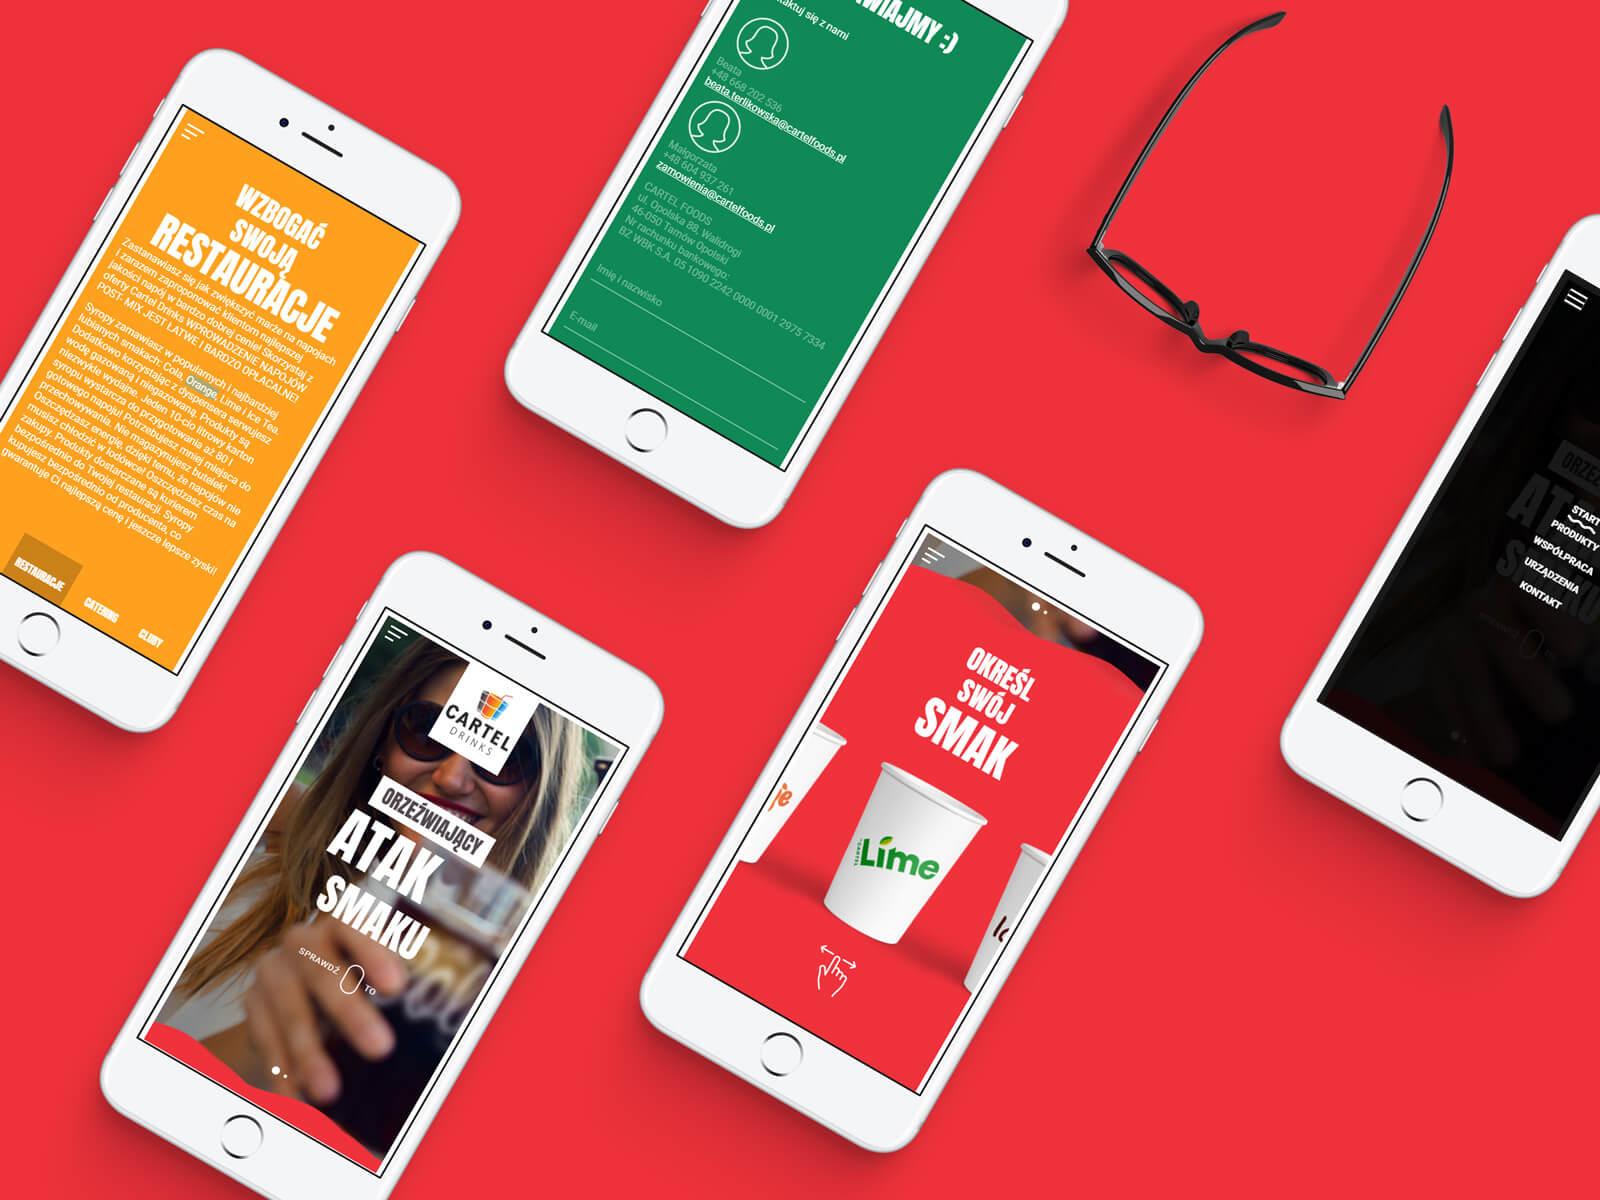 Cartel Drinks - strona internetowa producenta napojów dla branży gastronomicznej